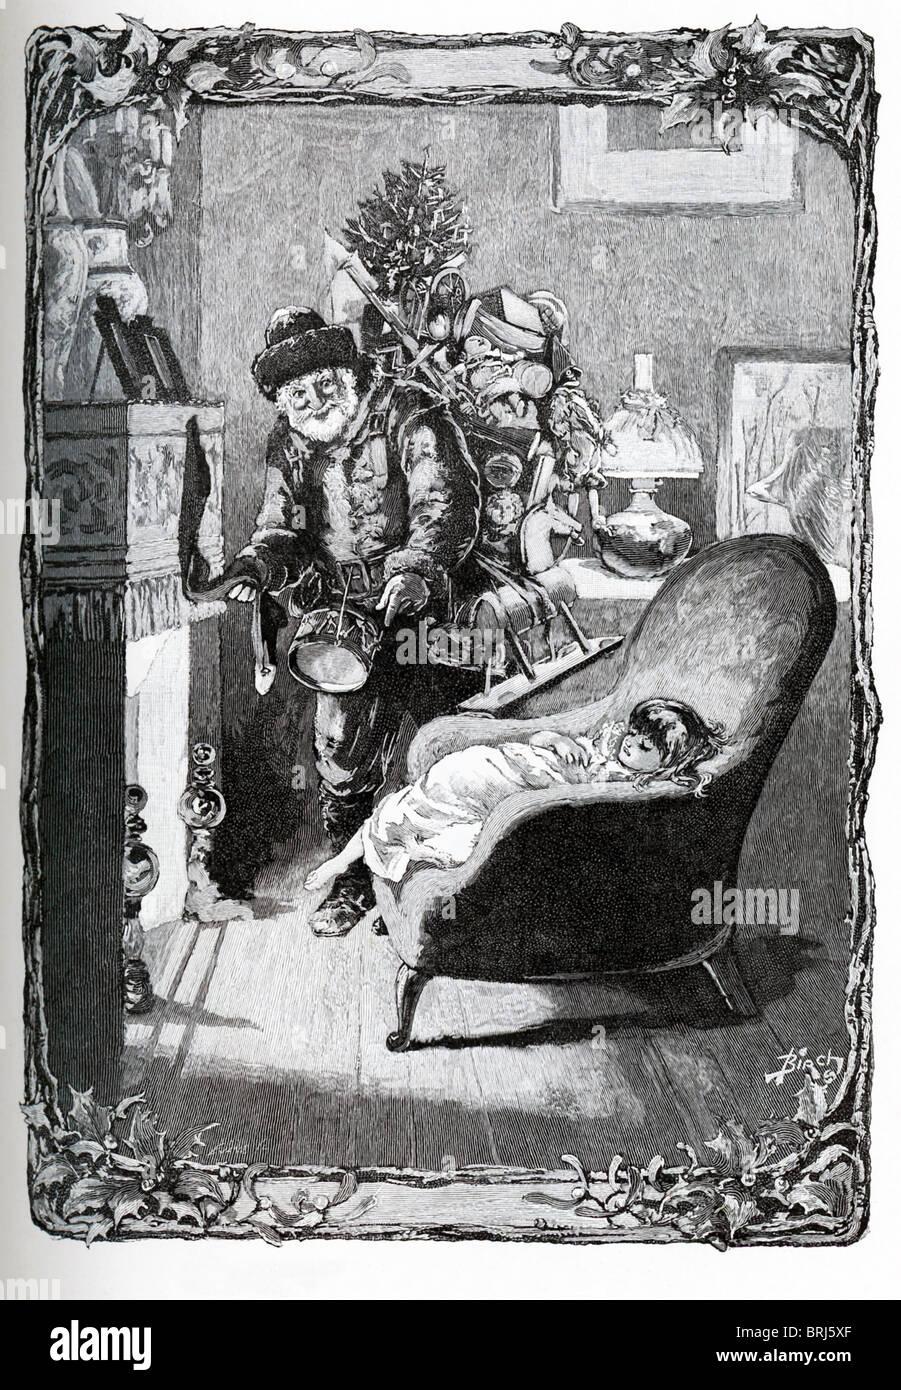 Diese Illustration von Santa Claus Halt an das Haus eines jungen Mädchens am Heiligabend ist von St. Nikolaus, Stockbild